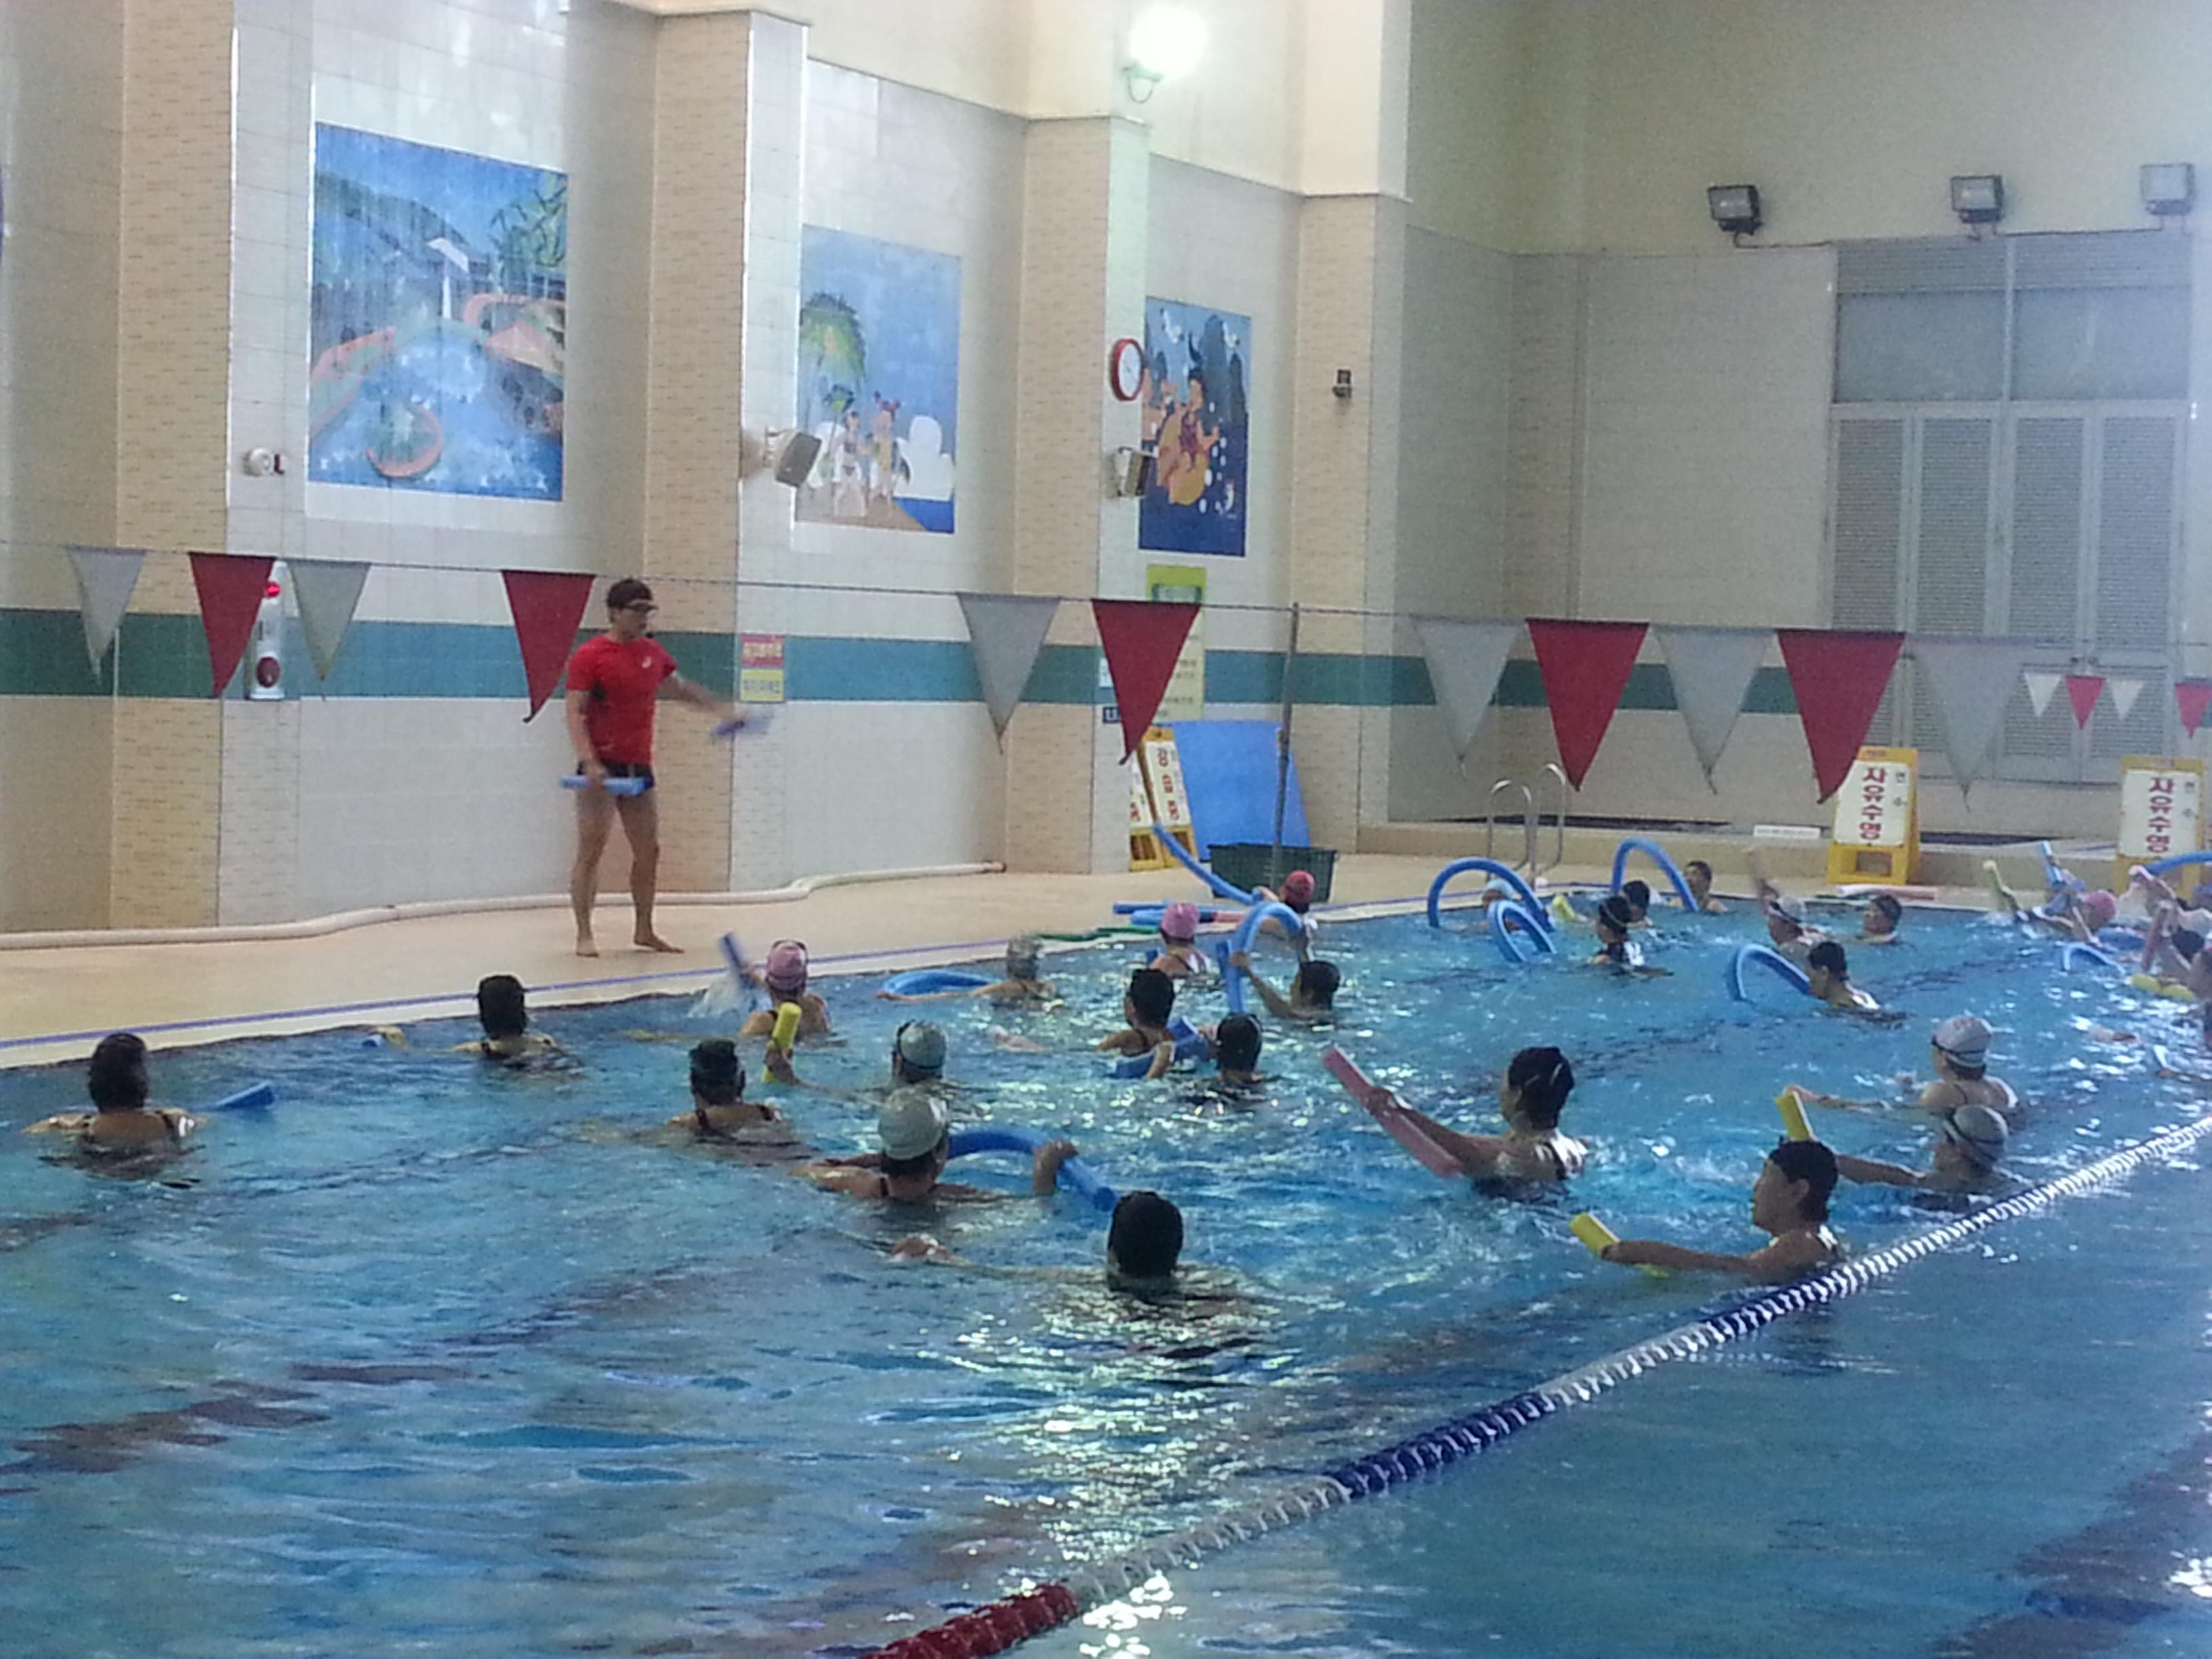 건강한 삶을 위한 2기 아쿠아로빅 수영교실 운영 [이미지]